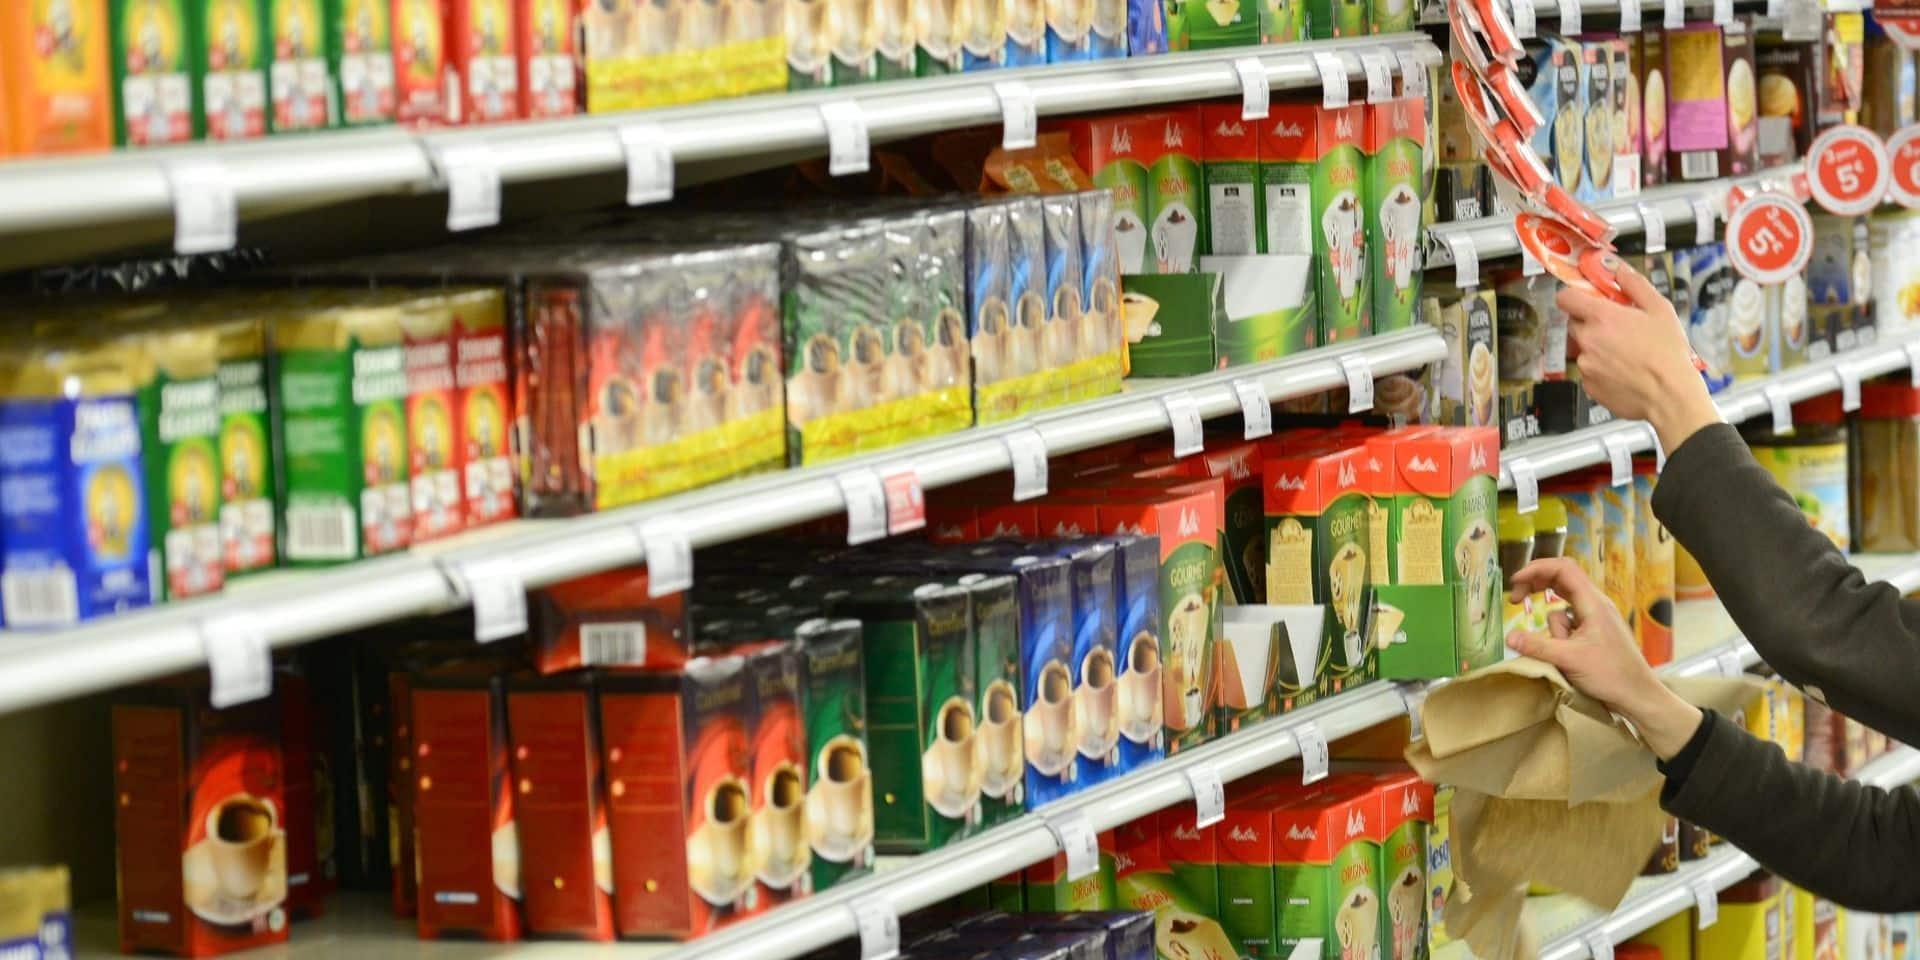 Depuis la fin du confinement, les Belges font moins souvent leurs courses